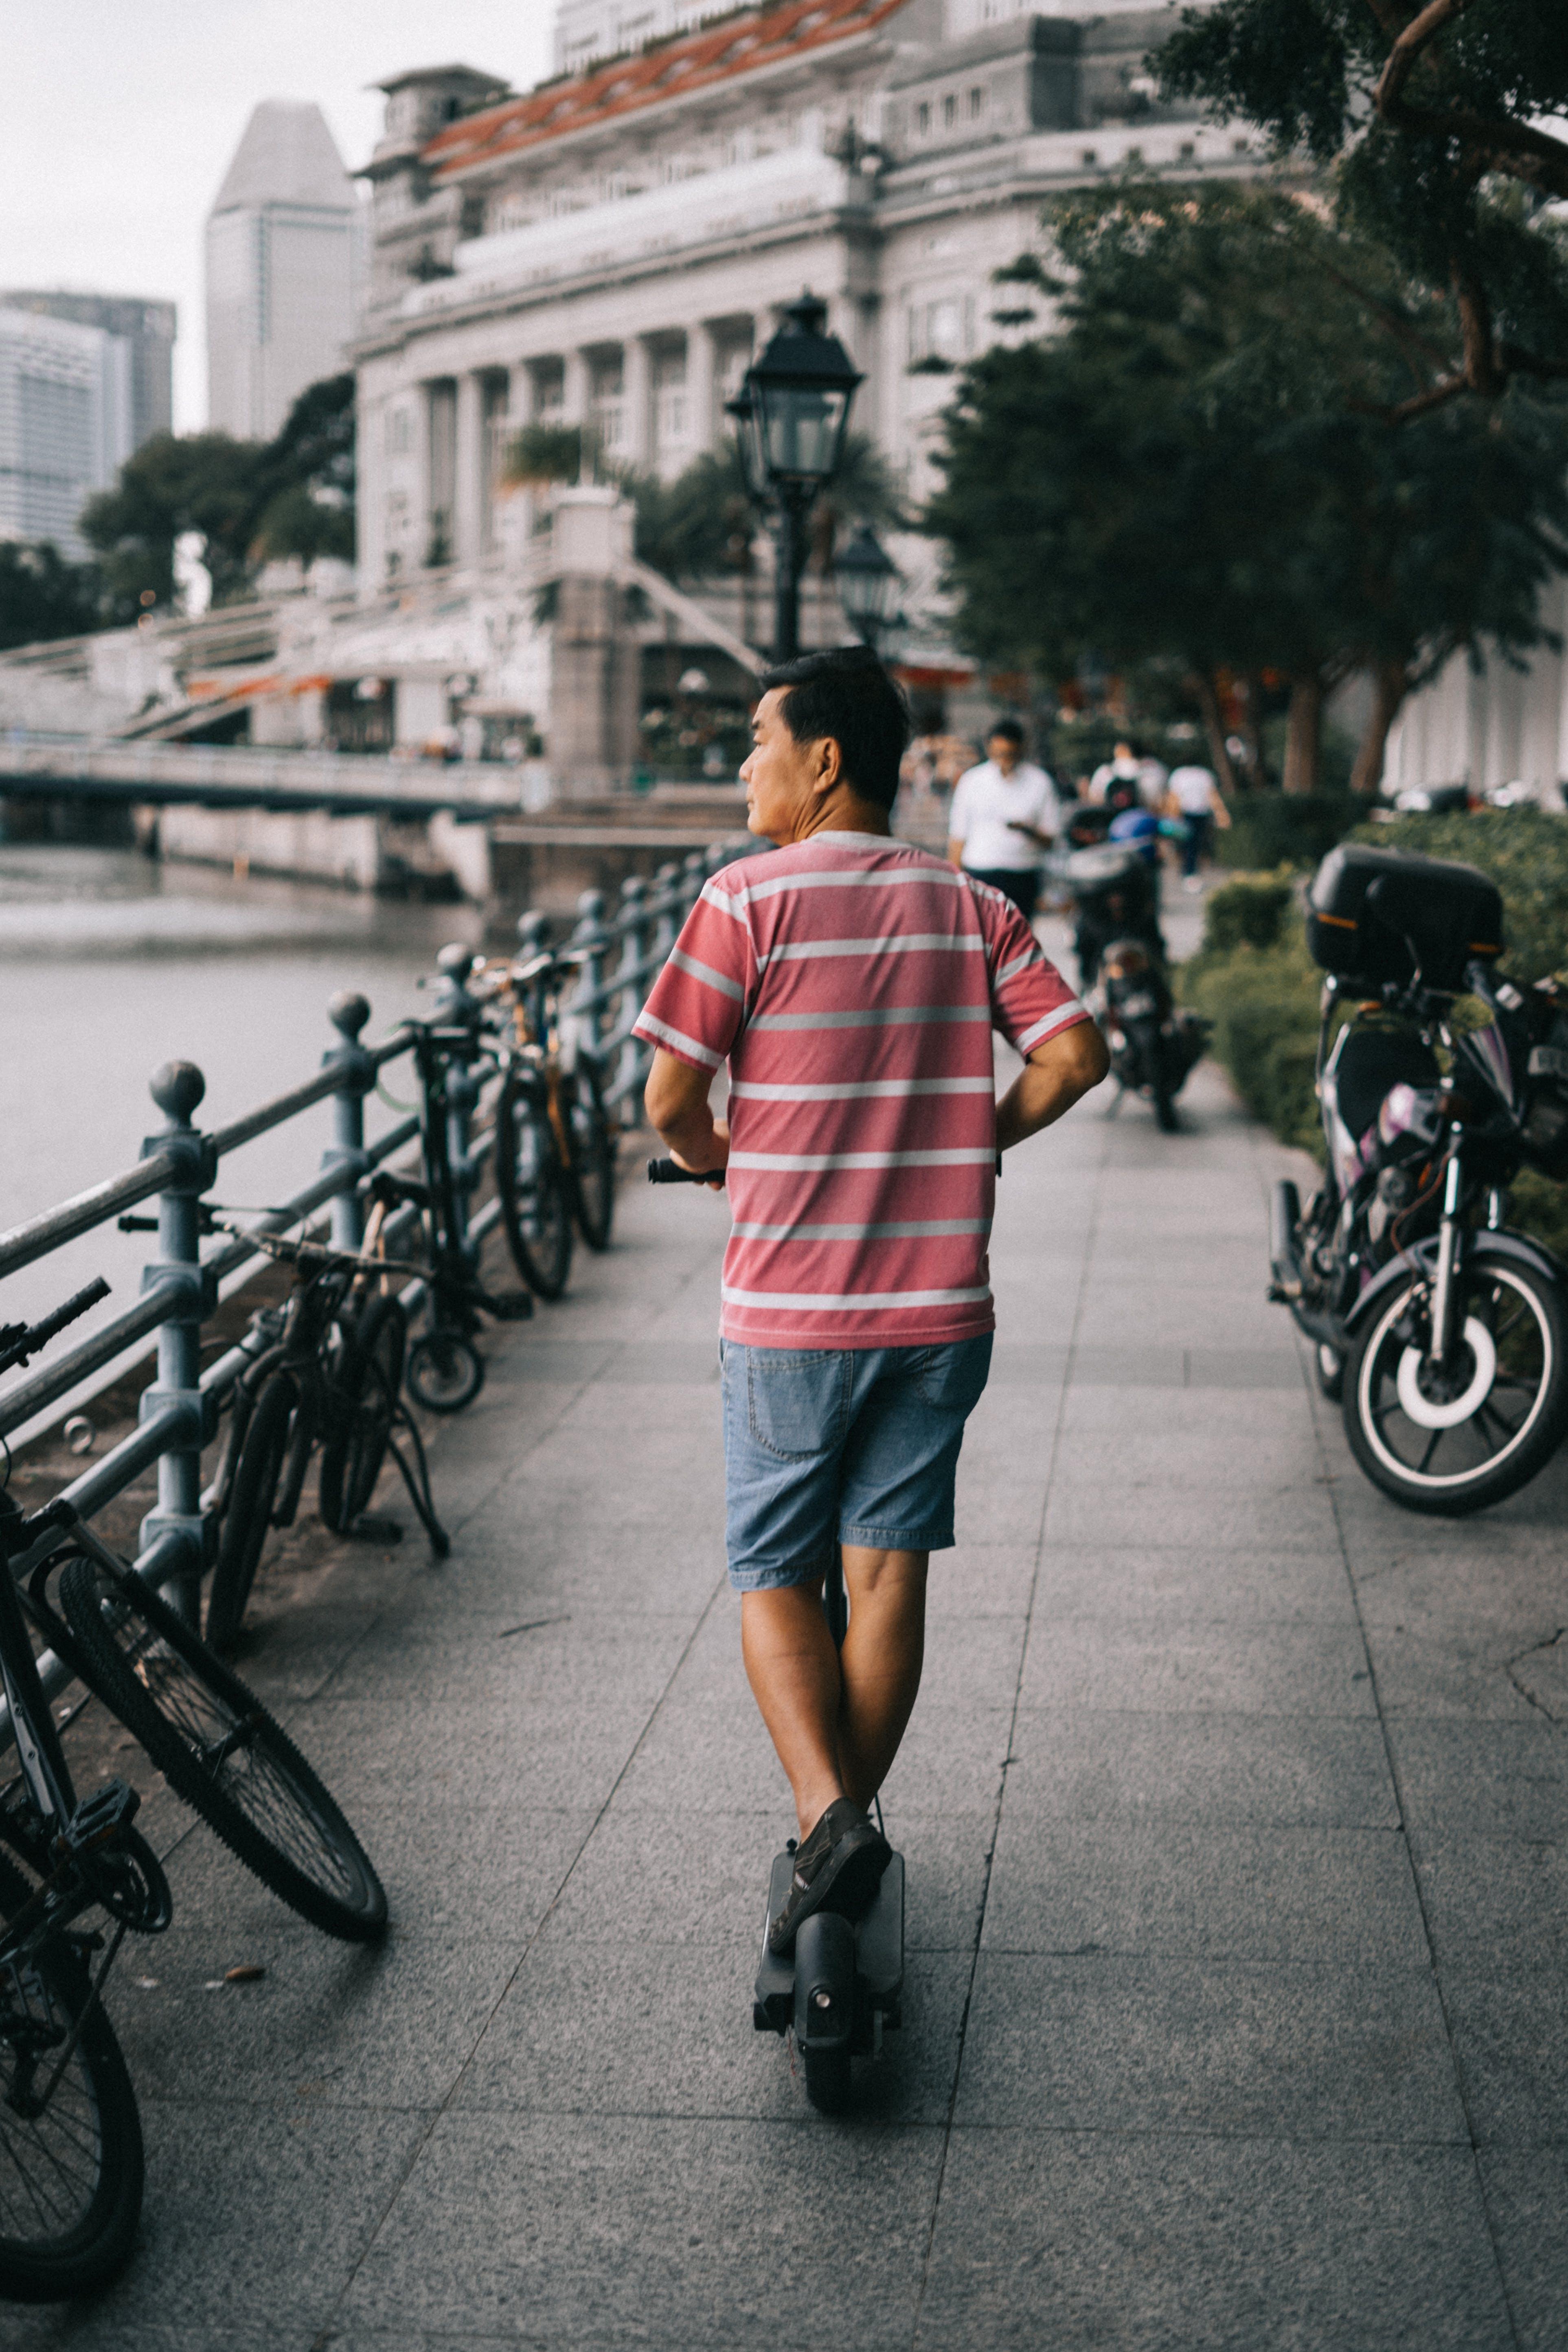 人, 小型摩托車, 路面 的 免費圖庫相片